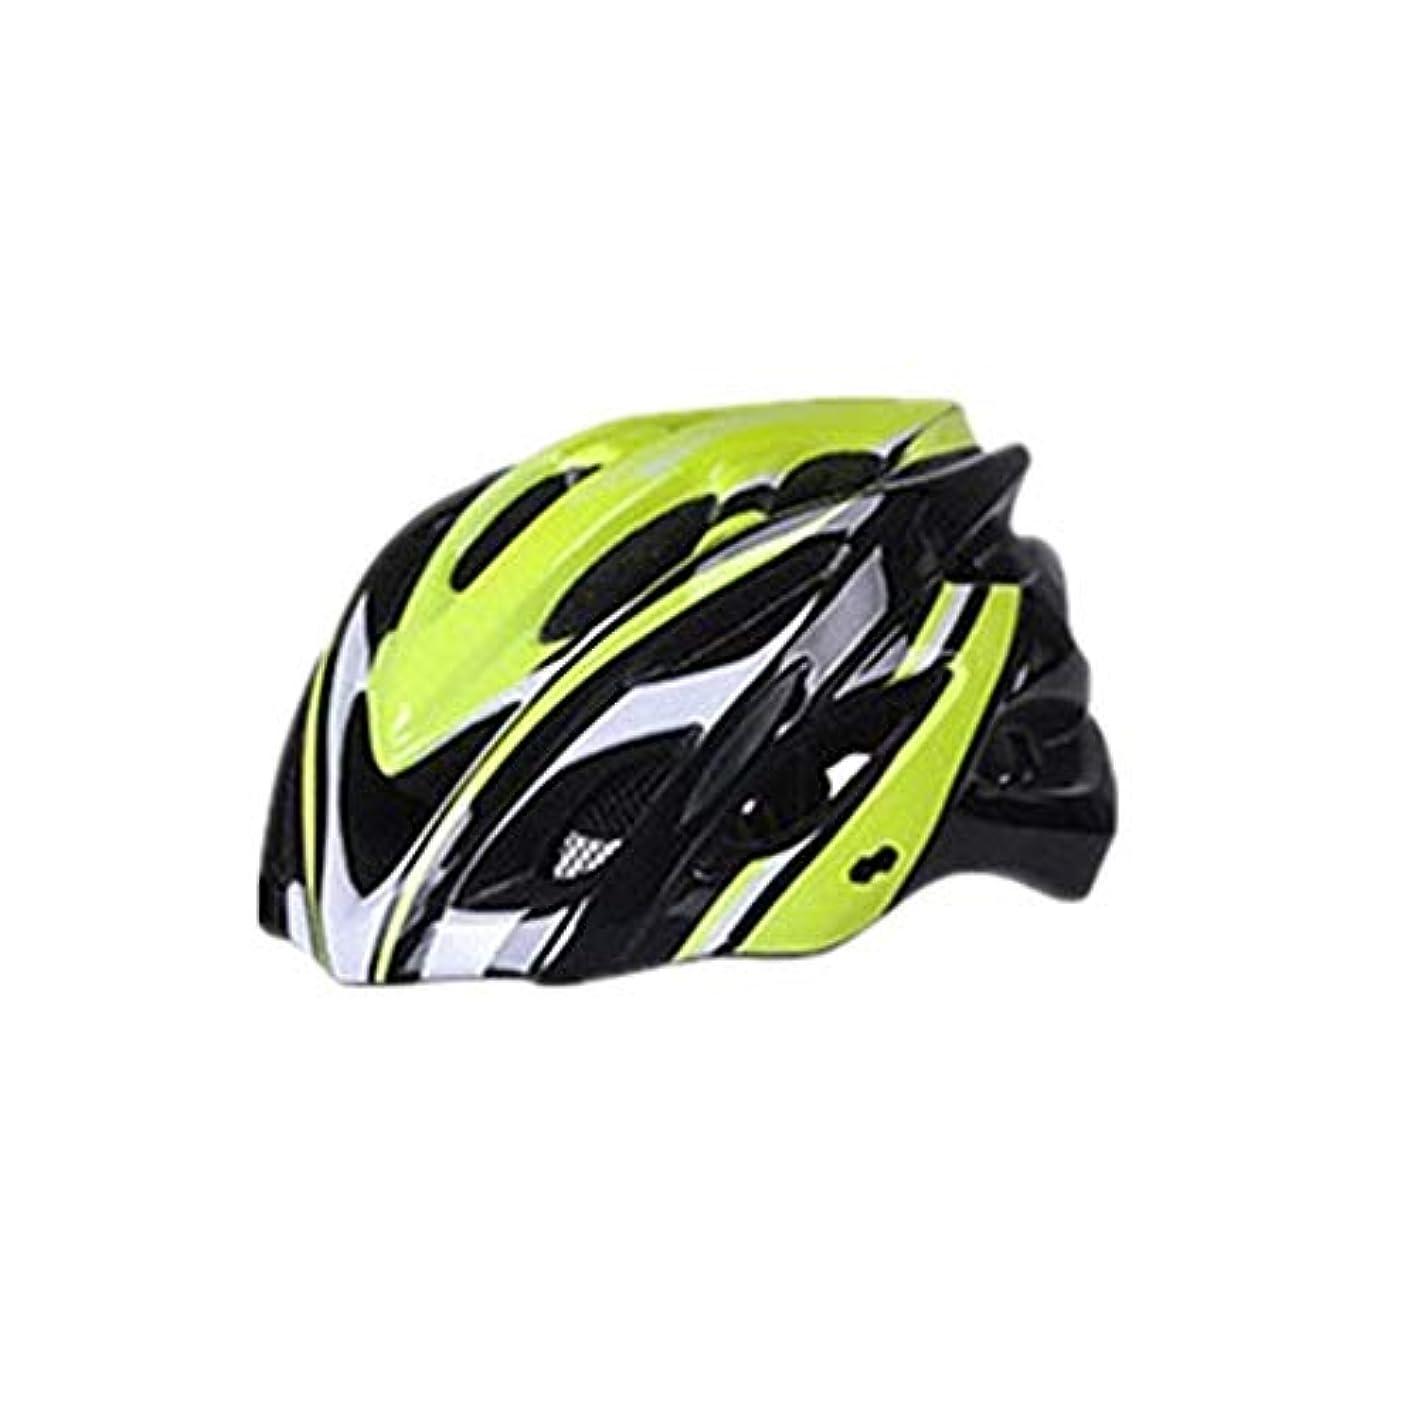 抑制乞食実際にOkiiting スポーツヘルメット自転車ヘルメットシンプルなデザインブロック強力な風衝撃吸収保護安全ヘルメット品質保証 うまく設計された